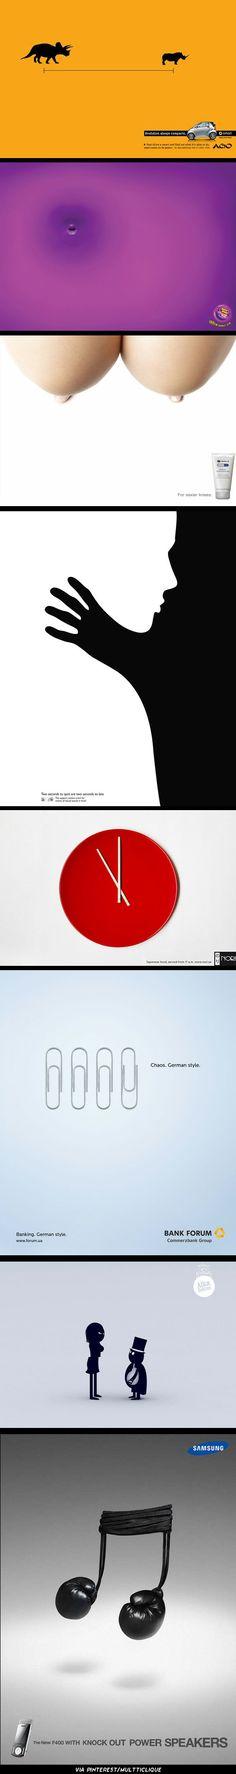 Publicidade minimalista